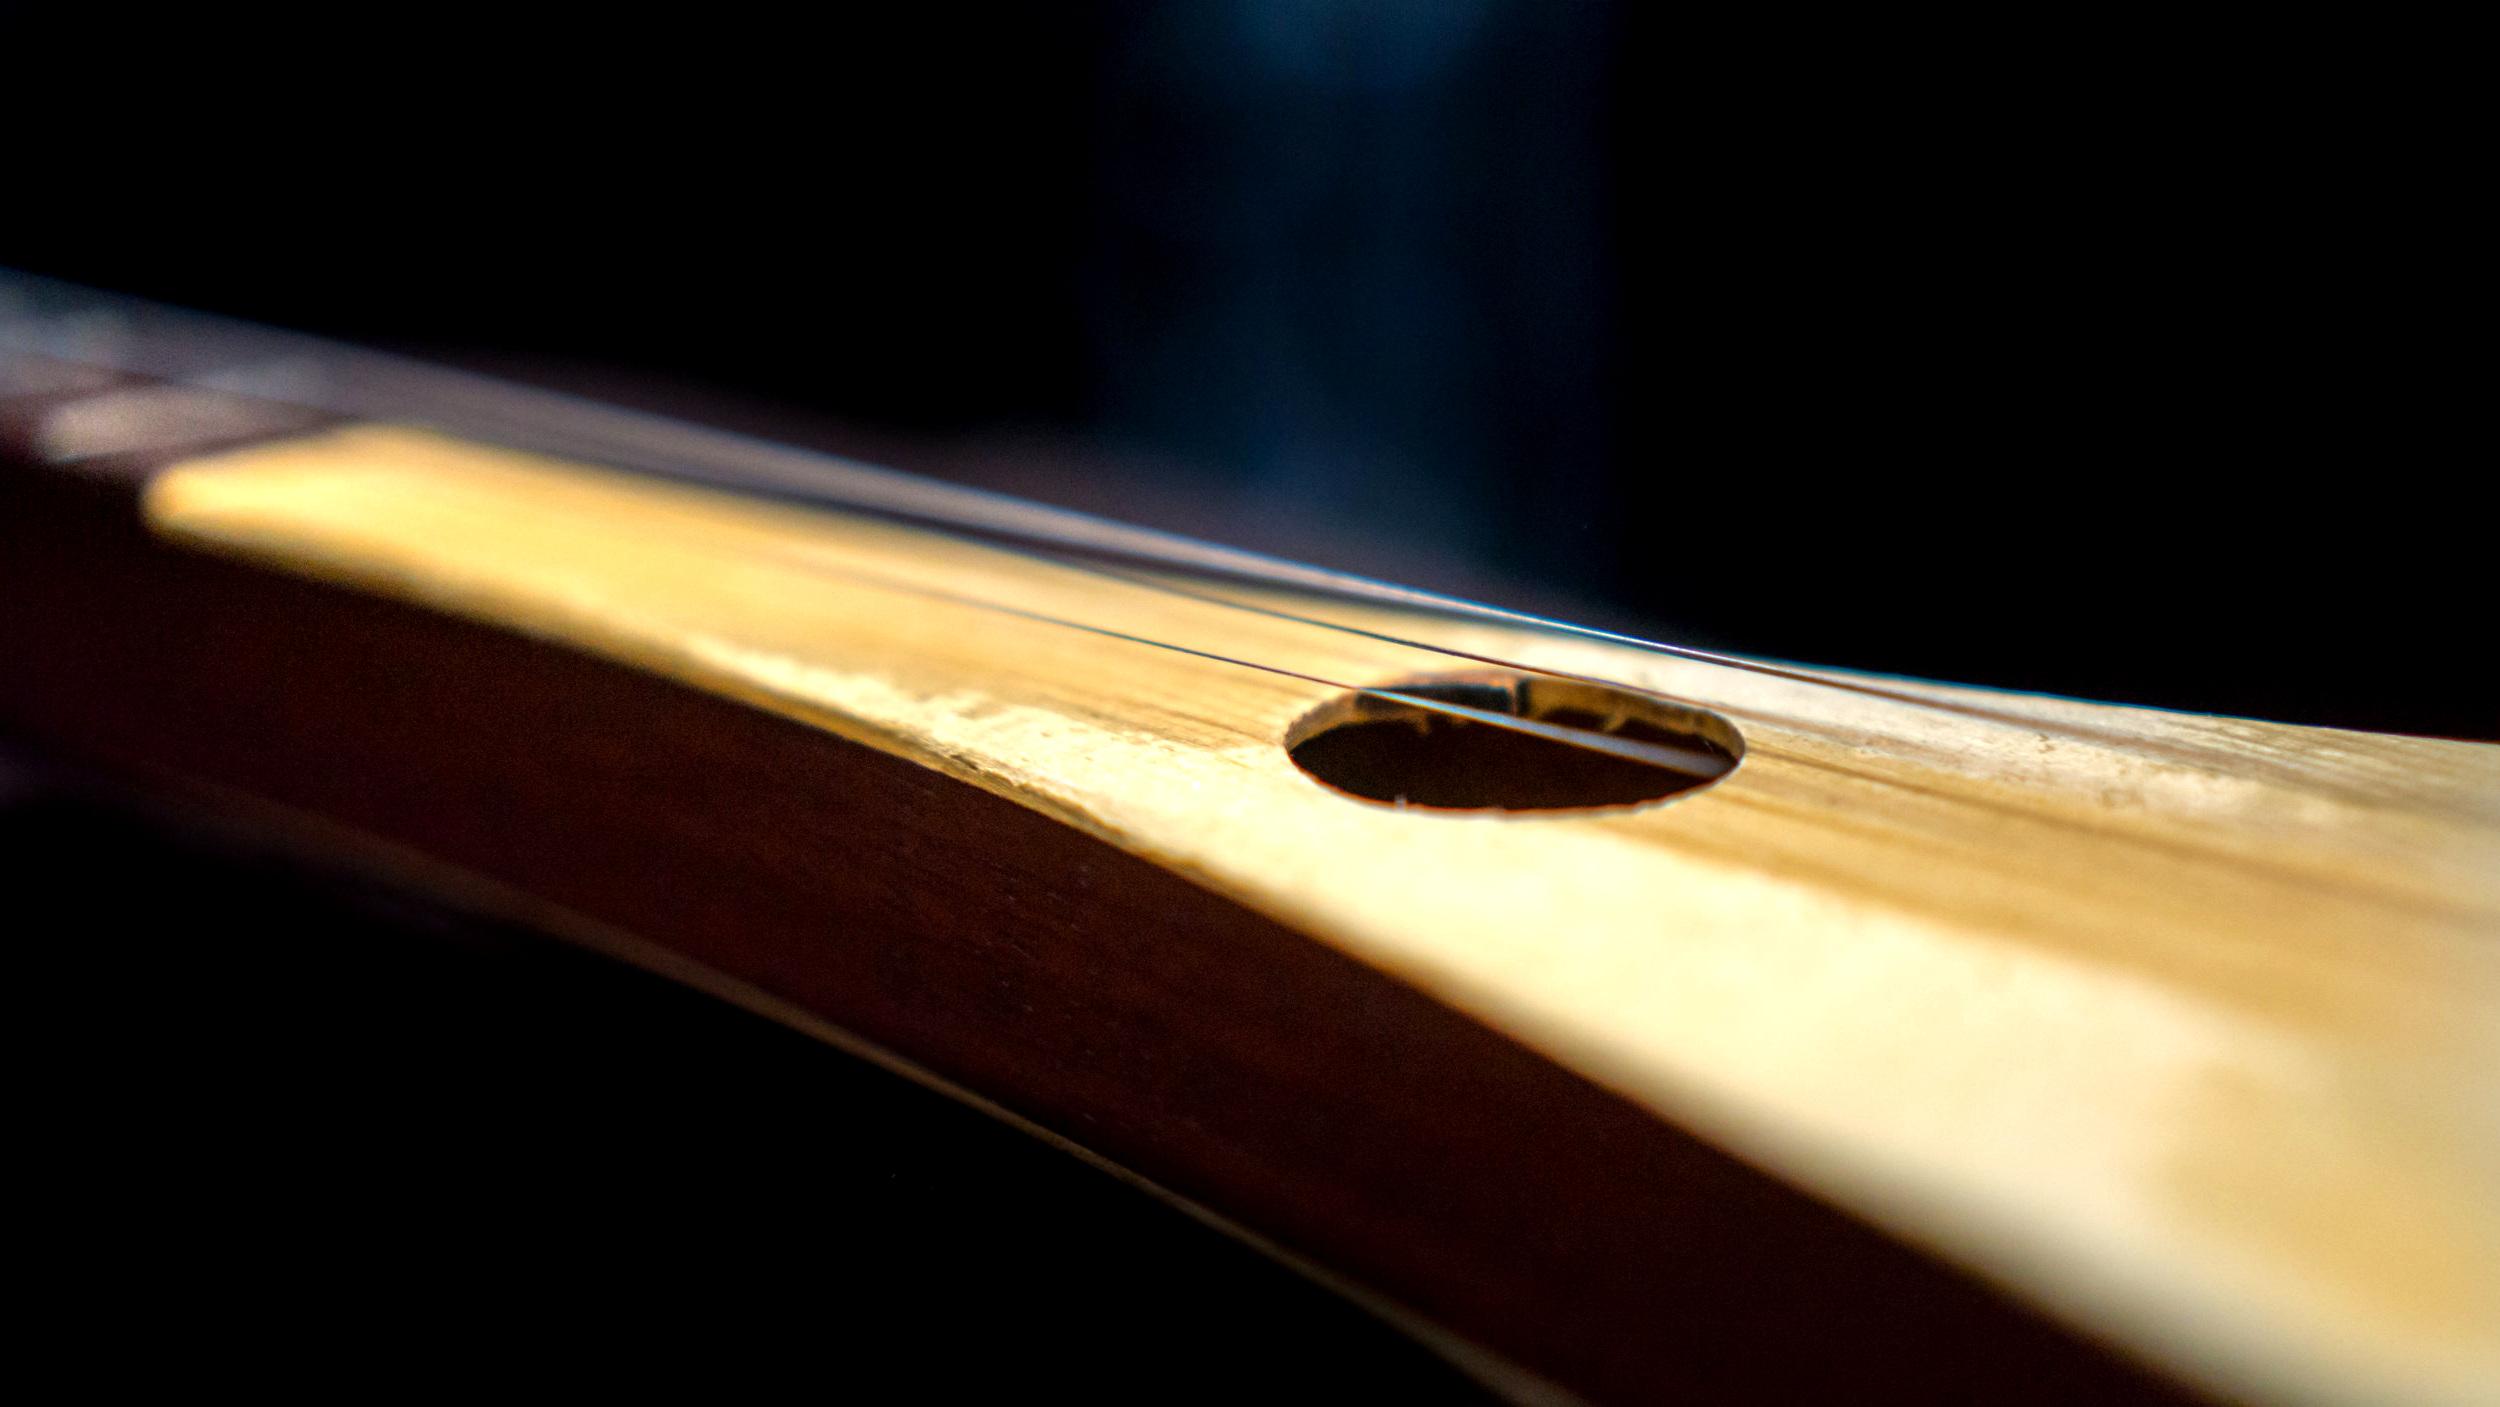 Strumstick - Kontakt Instrument PMvst002